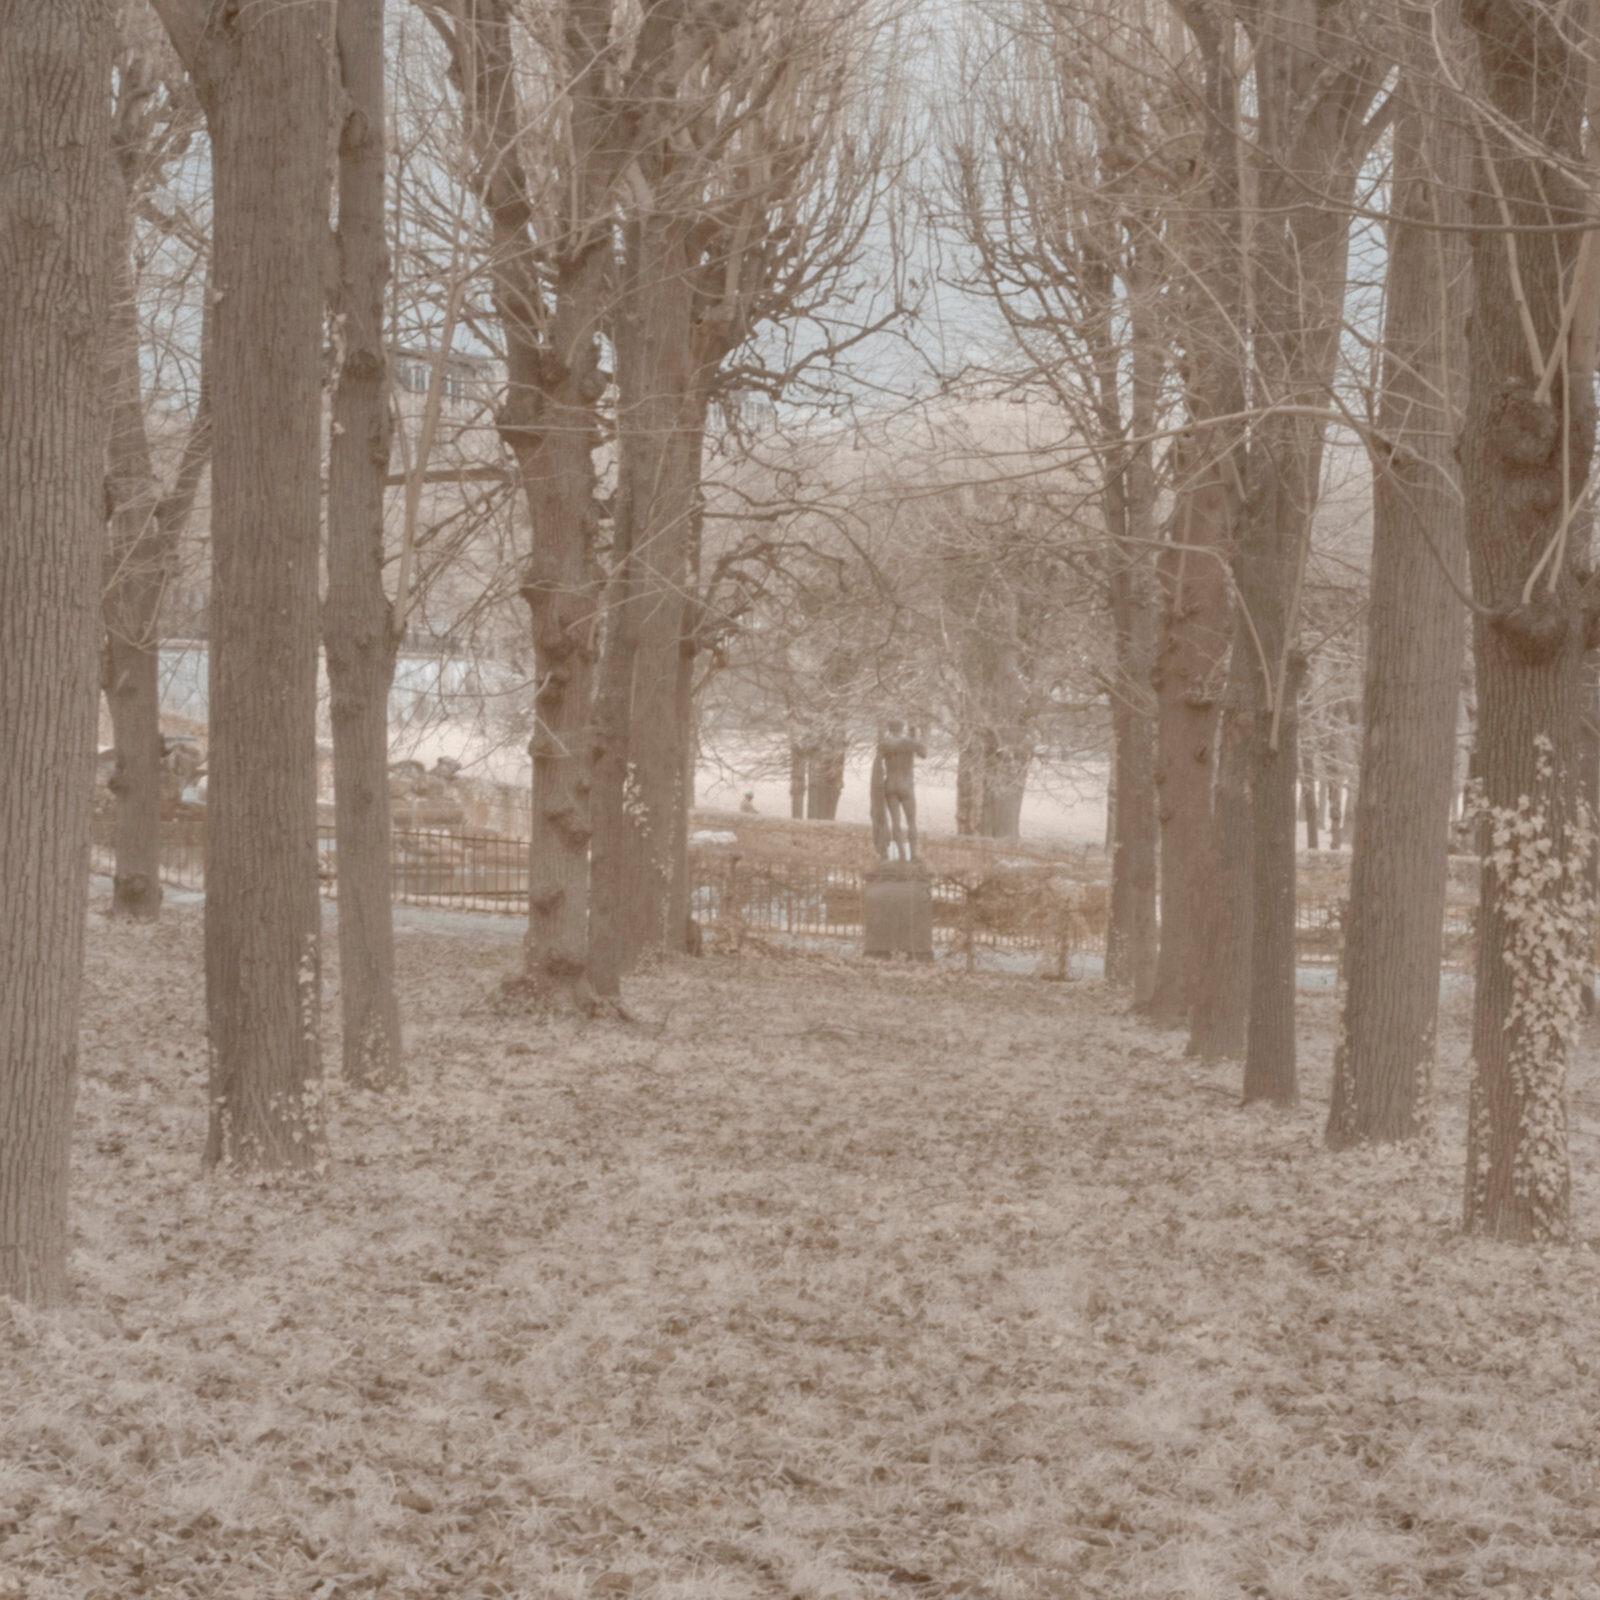 DETAILS 2 24mm F16 CANON 1 | Pierre-Louis Ferrer | Test du SIGMA 24mm F/1.4 DG HSM Art en photographie infrarouge | Partie 1